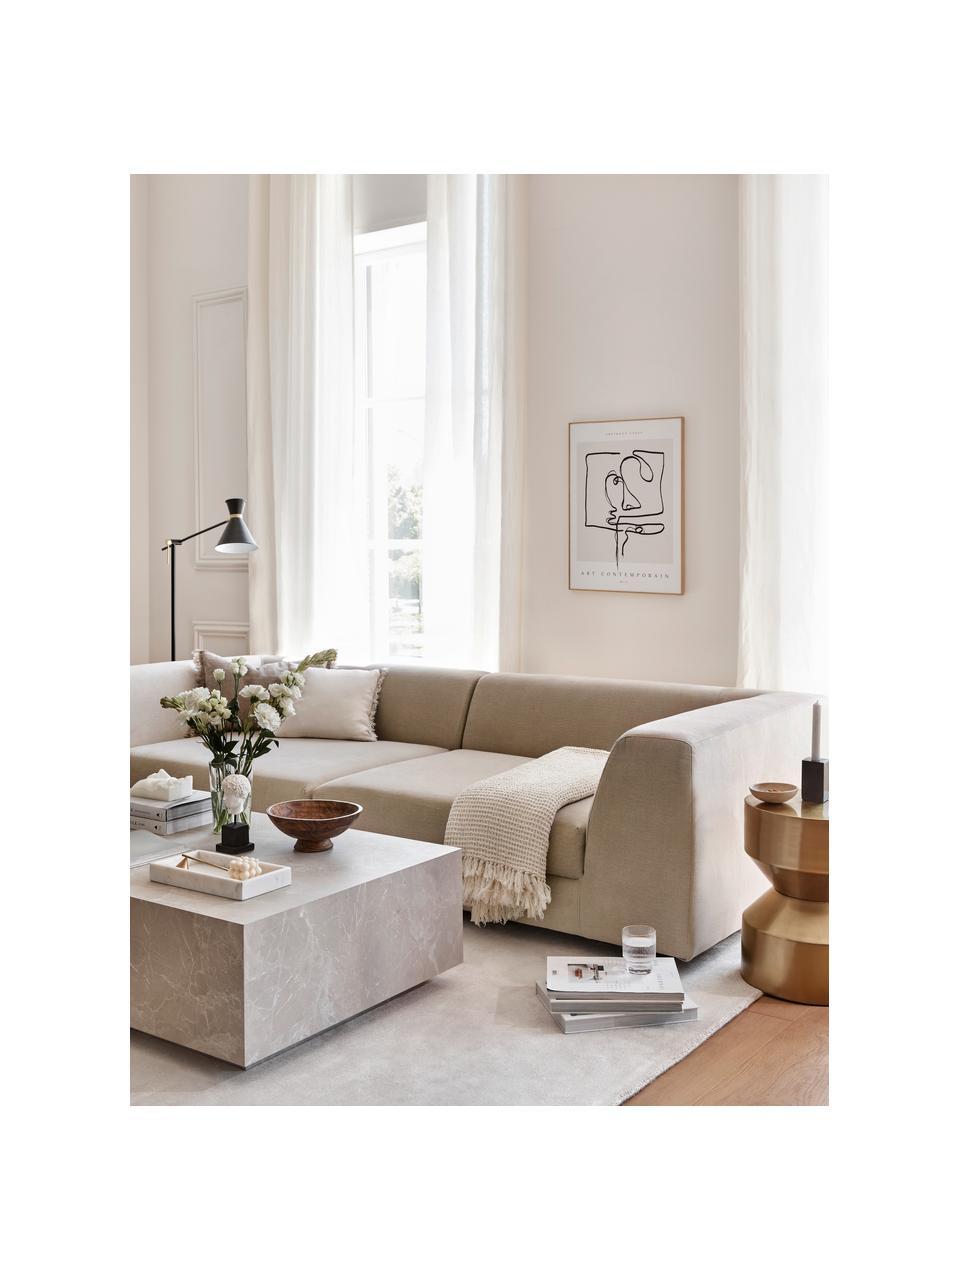 Modulares Sofa Grant (3-Sitzer) in Taupe, Bezug: Baumwolle 20.000 Scheuert, Gestell: Fichtenholz, Füße: Massives Buchenholz, lack, Webstoff Taupe, B 266 x T 106 cm